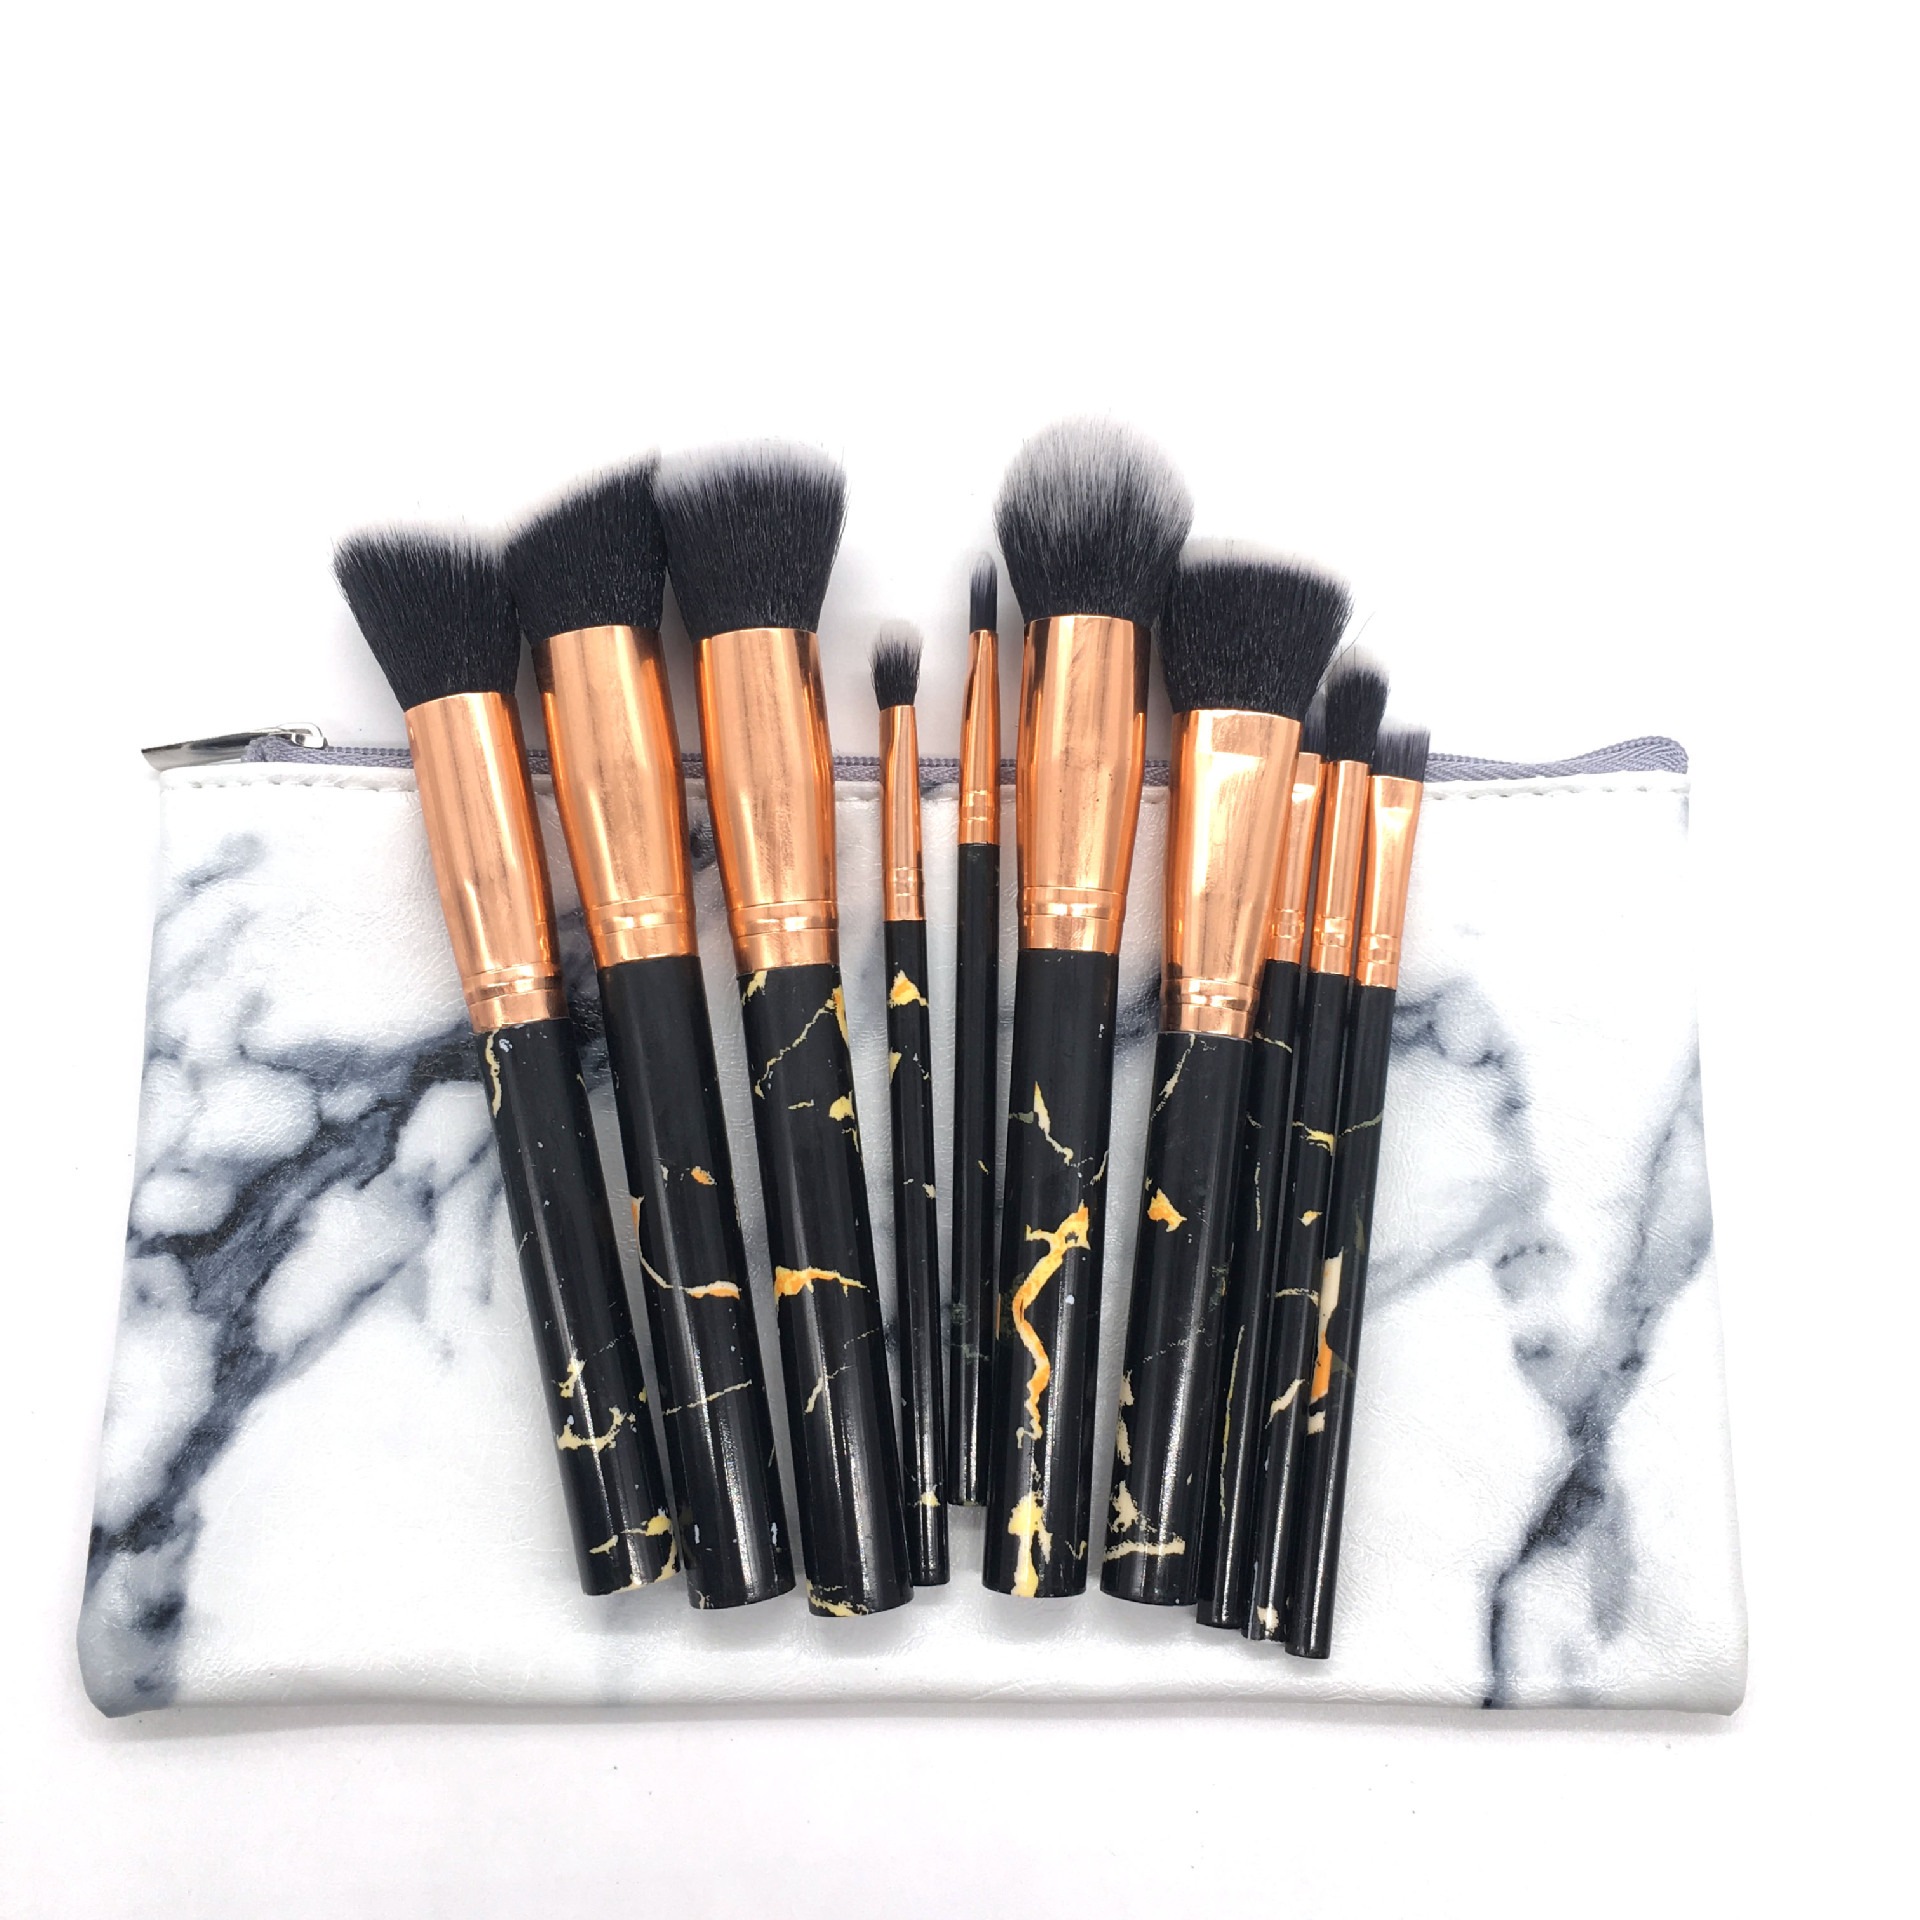 Wholesale Luxury Synthetic Cosmetic Make Up Brushes Kabuki Colorful Handle Makeup Eye Brush Set